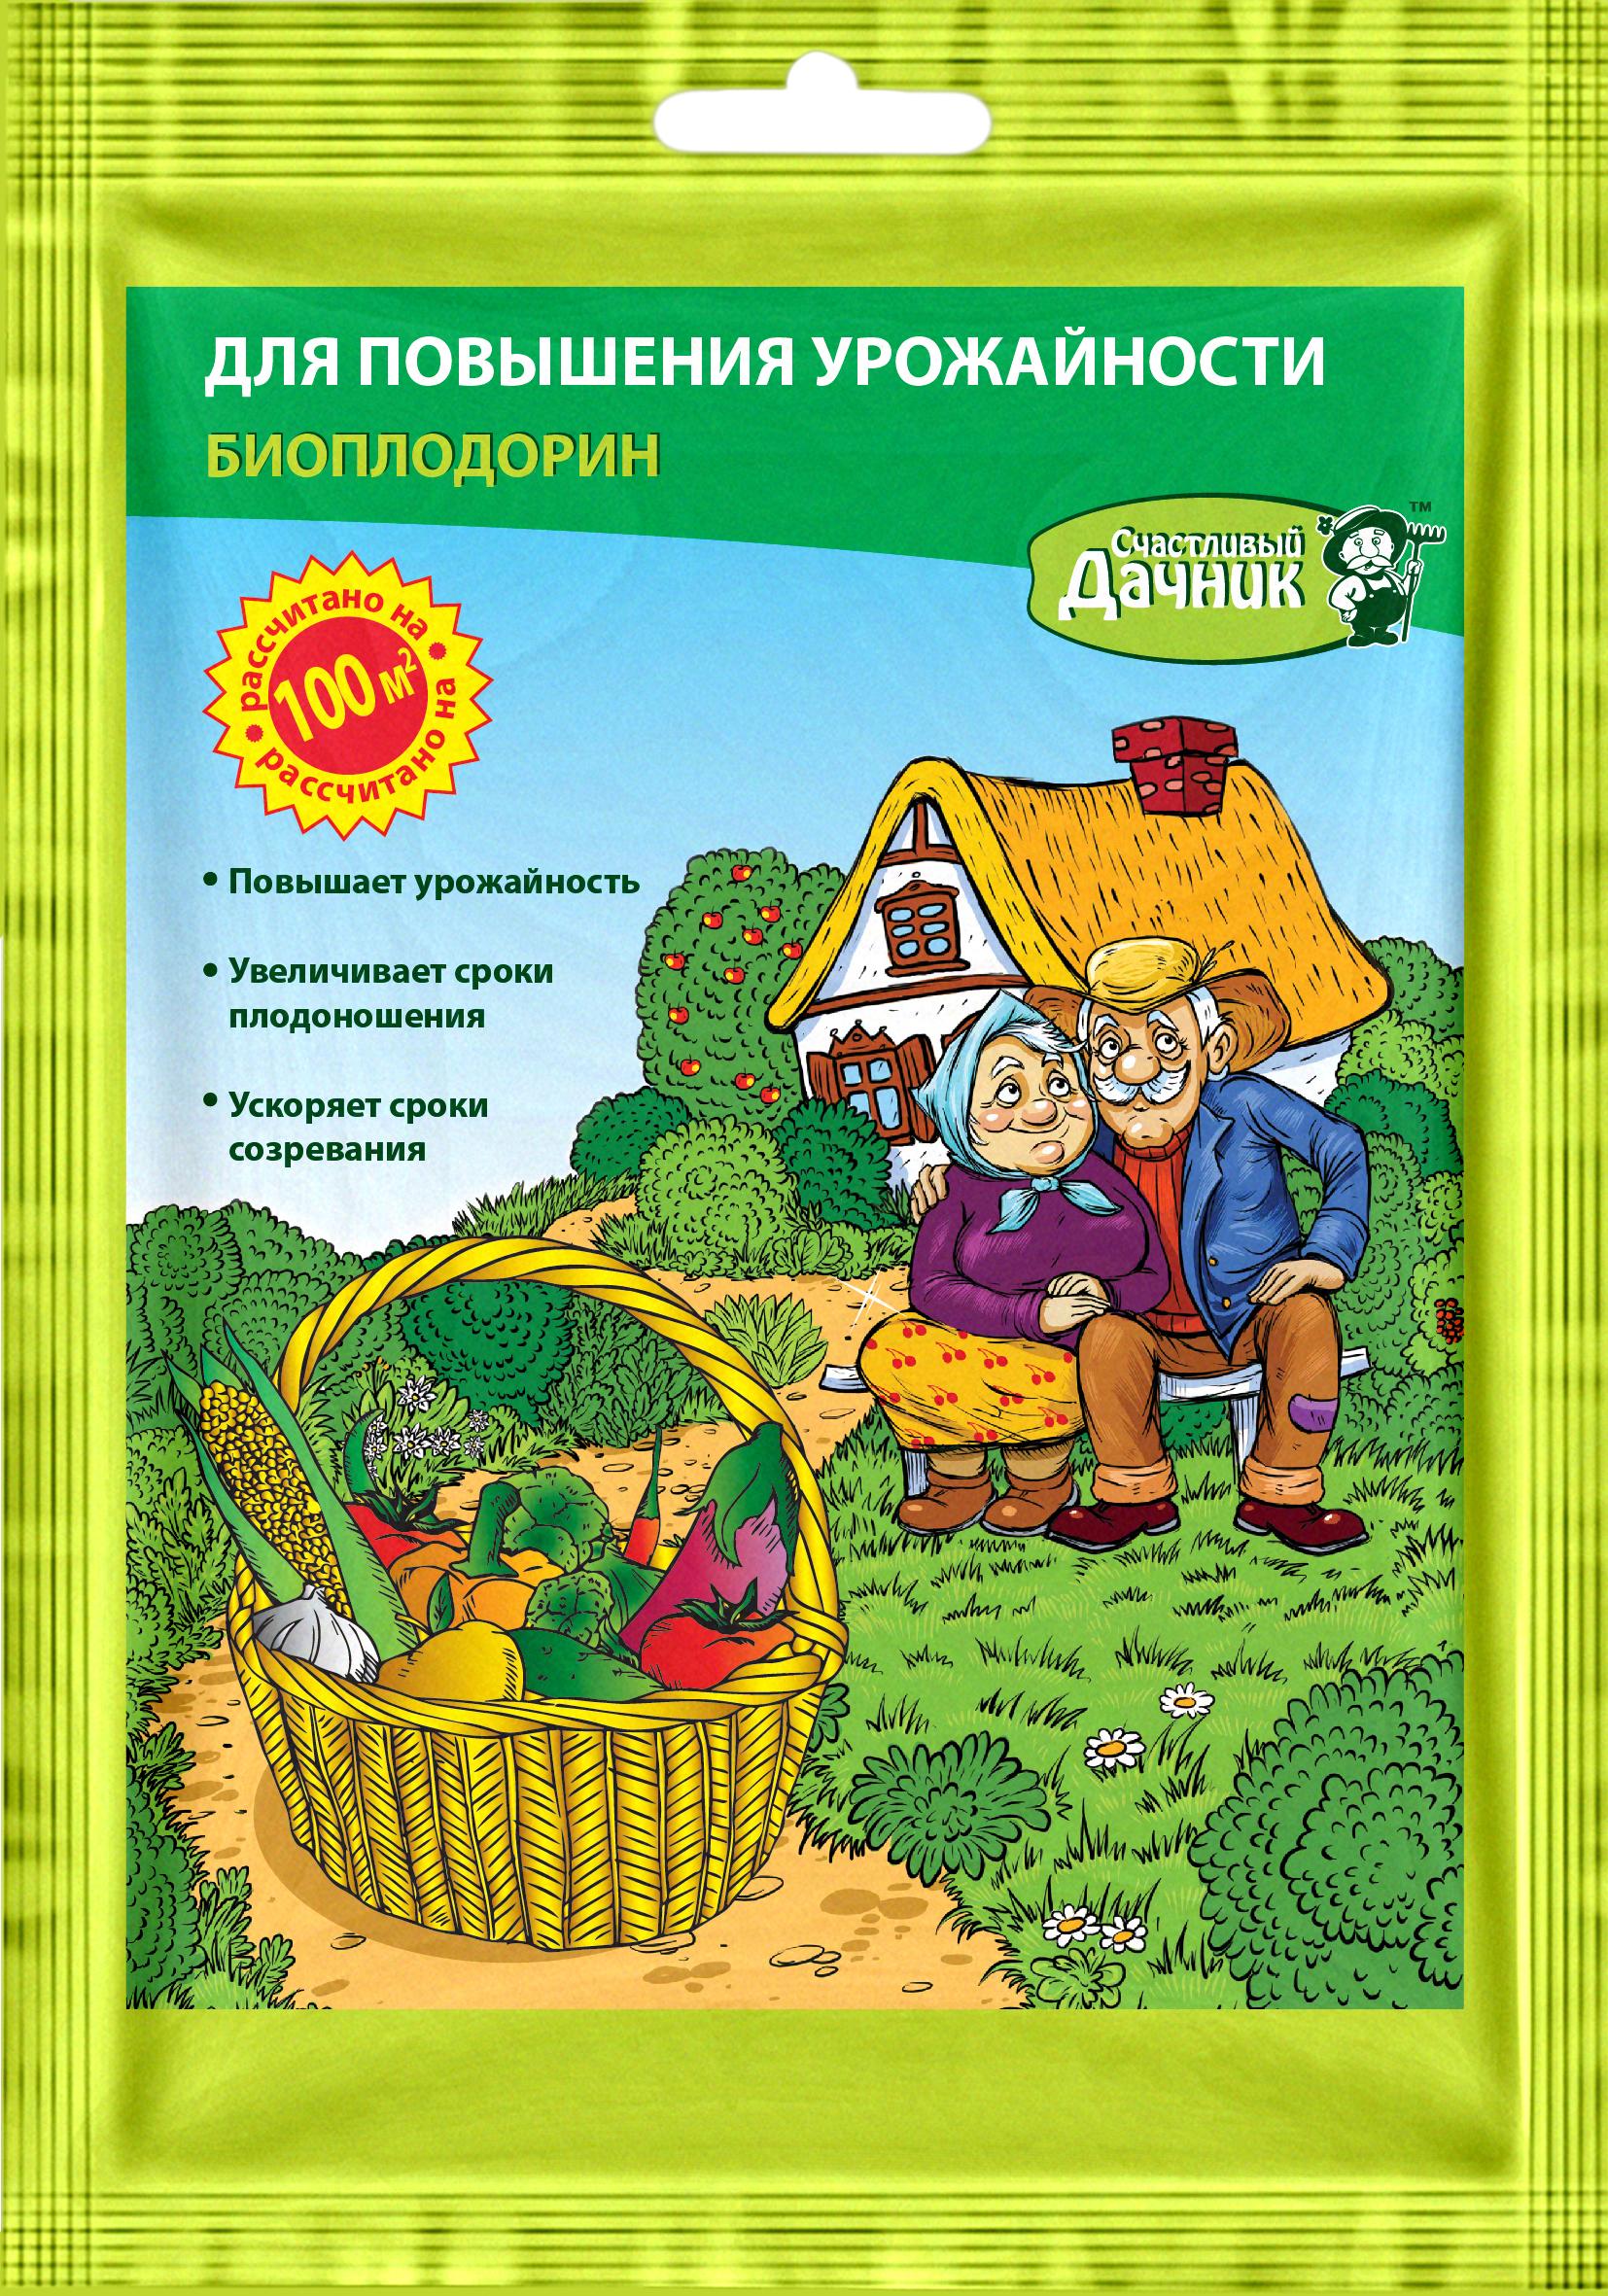 Биоплодорин Счастливый дачник, для овощей и фруктов, 80 гБПО-80Биоплодорин Счастливый дачник для овощей и фруктов - это биологический продукт для оздоровления почвы иповышения плодородия. Рекомендуется также для использования в тепличных условиях. При комбинированном использовании с минеральными удобрениями рекомендуется использование минеральныхудобрений в количестве не более 20-25 % от предписанной дозировки. Полезные свойства продукта: - повышает урожайность на 50-70%, - ускоряет сроки созревания на 10-14 дней, - увеличивает сроки плодоношения на 8-12 дней. Микроорганизмы, входящие в состав биоактиватора, перерабатывают органические соединения в доступные длярастений формы, чем способствуют улучшению питания сельскохозяйственных культур и повышению ихпродуктивности. Кроме того, за счет создания здоровой микробиоты из почвы вытесняются патогенные игнилостные микроорганизмы, что снижает риск заболеваемости растений. Средство может быть использовано при предпосевной подготовке почвы, для обработки семян овощных культур иклубней картофеля перед посадкой, а также для корневой подкормки растений в период роста, цветения иплодоношения. Товар сертифицирован.